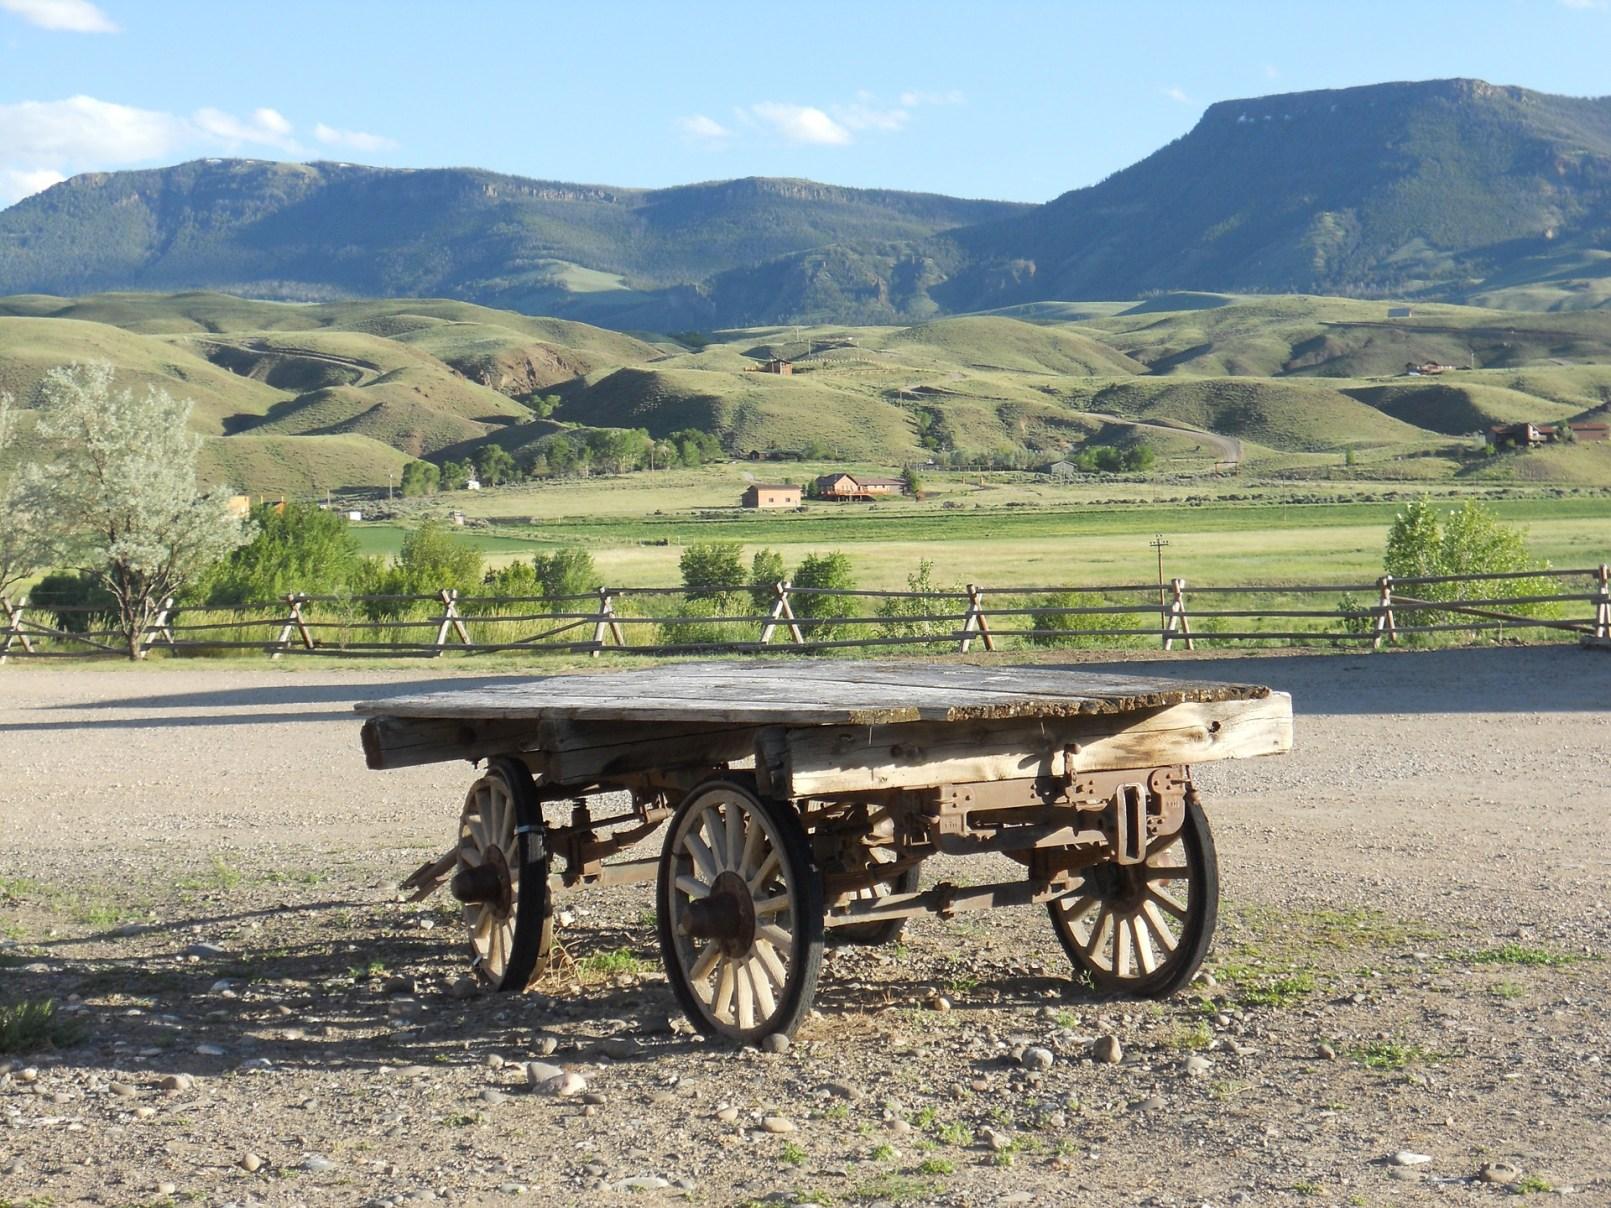 wagon-1244491_1920